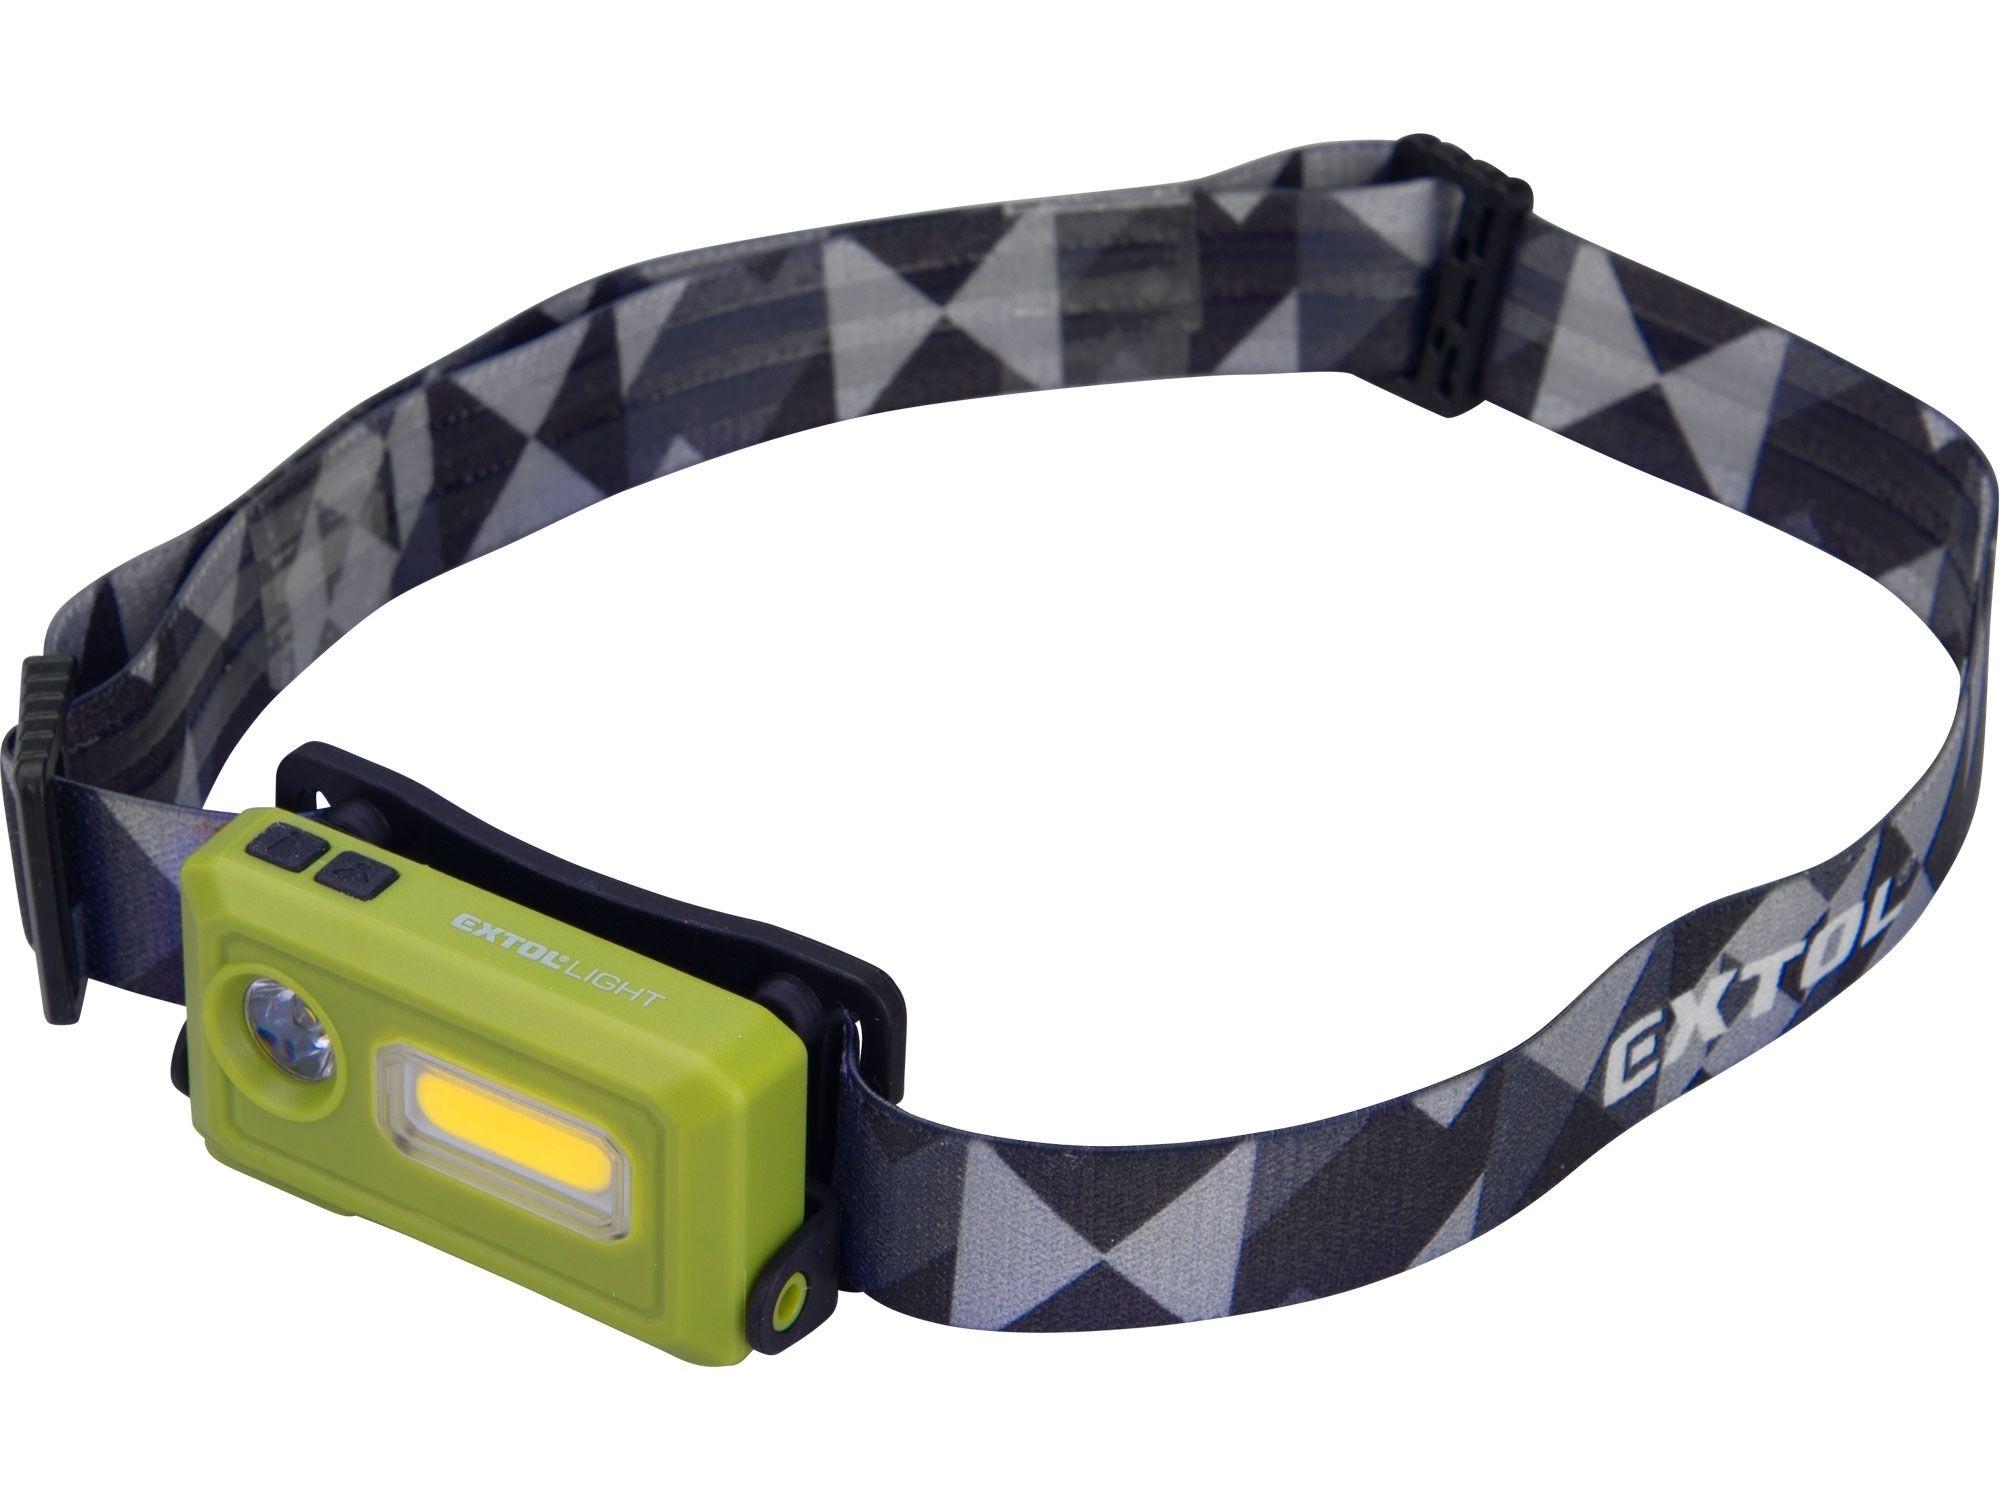 Čelovka 140lm, USB nabíjení, LED+COB LED EXTOL-LIGHT